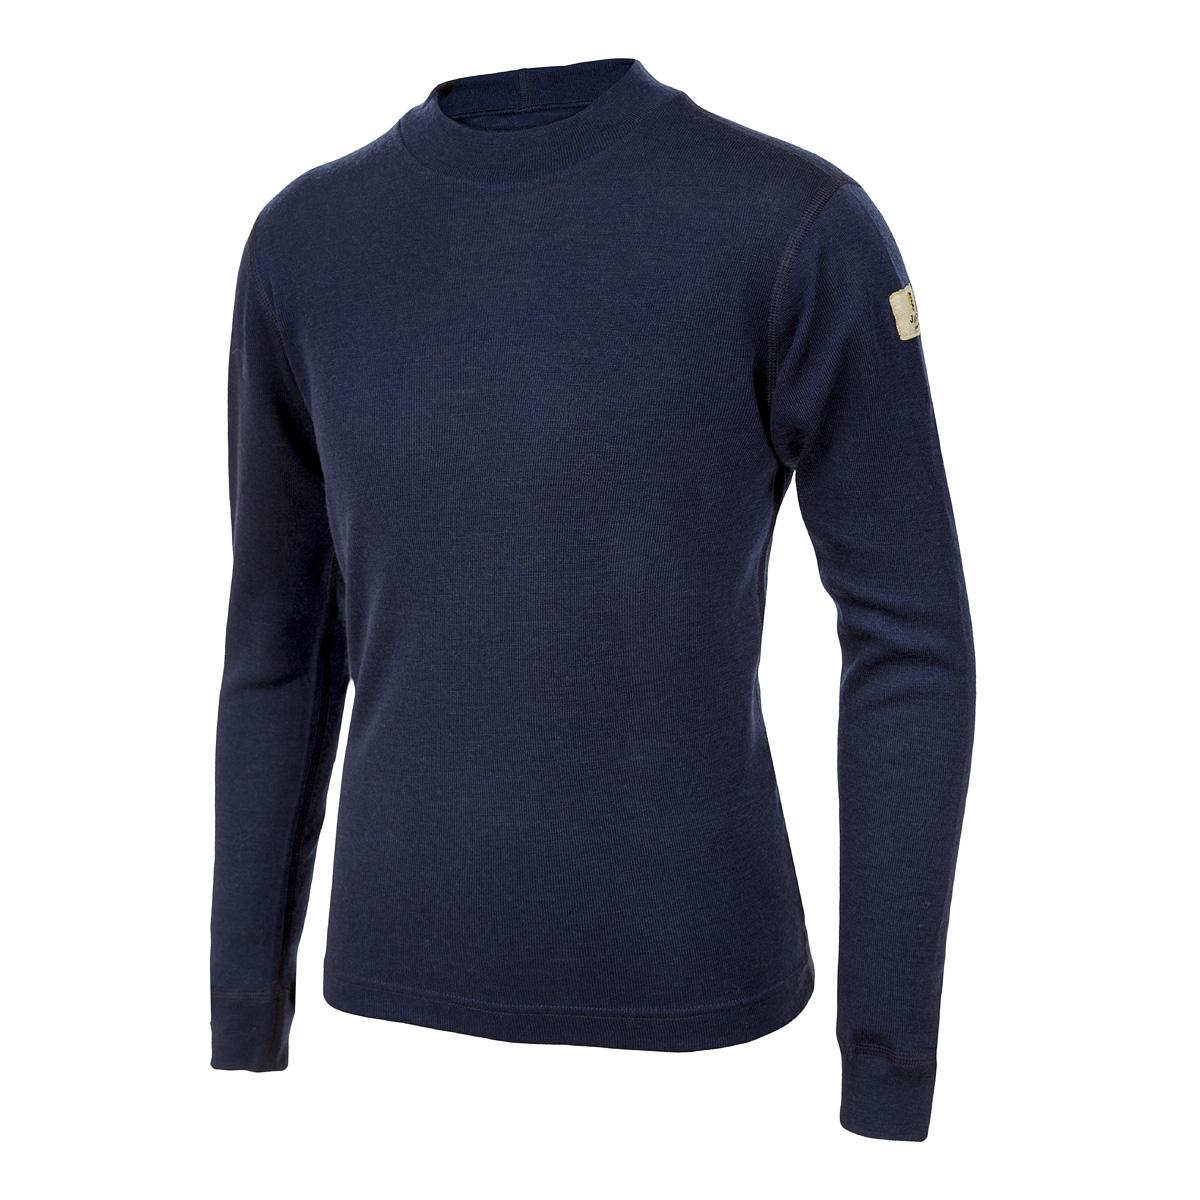 Janus DesignWool junior tröja med lång ärm 100% merinoull marinblå